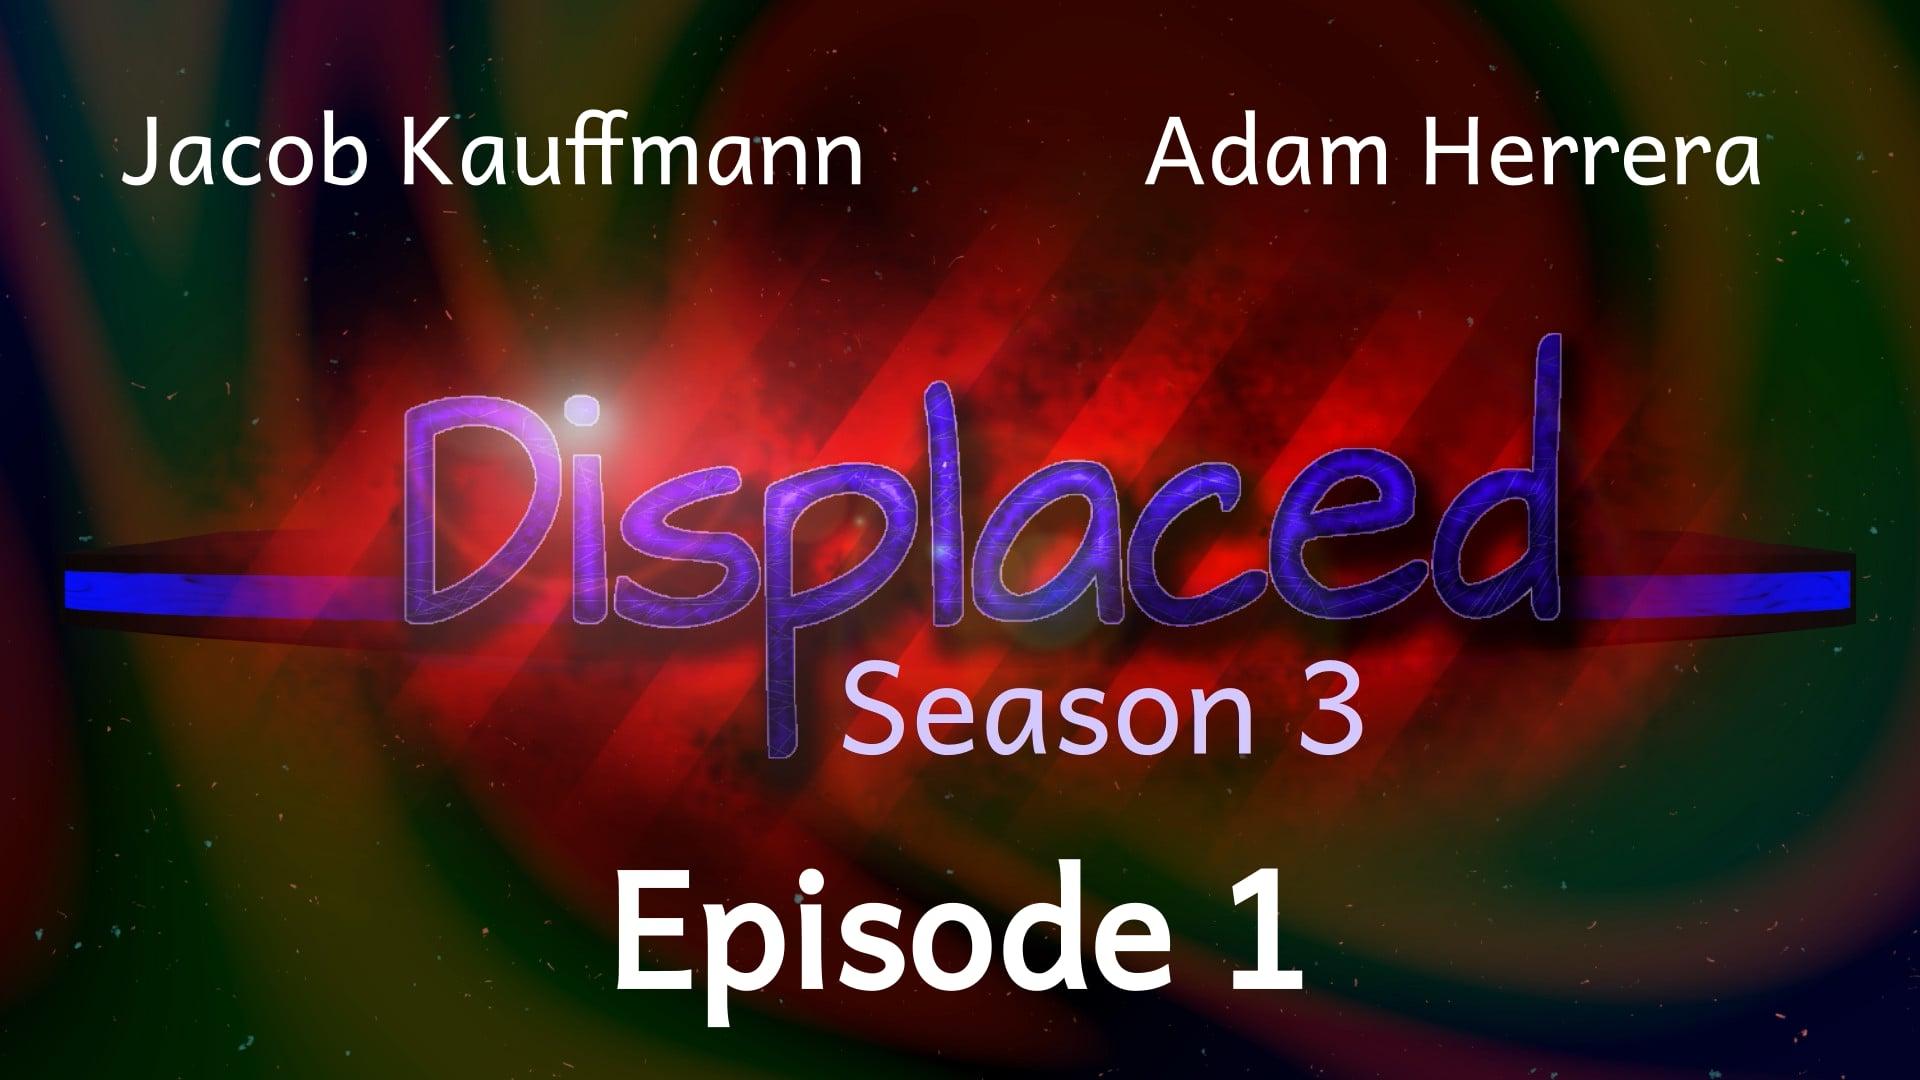 Episode 1 - Displaced (Season 3)